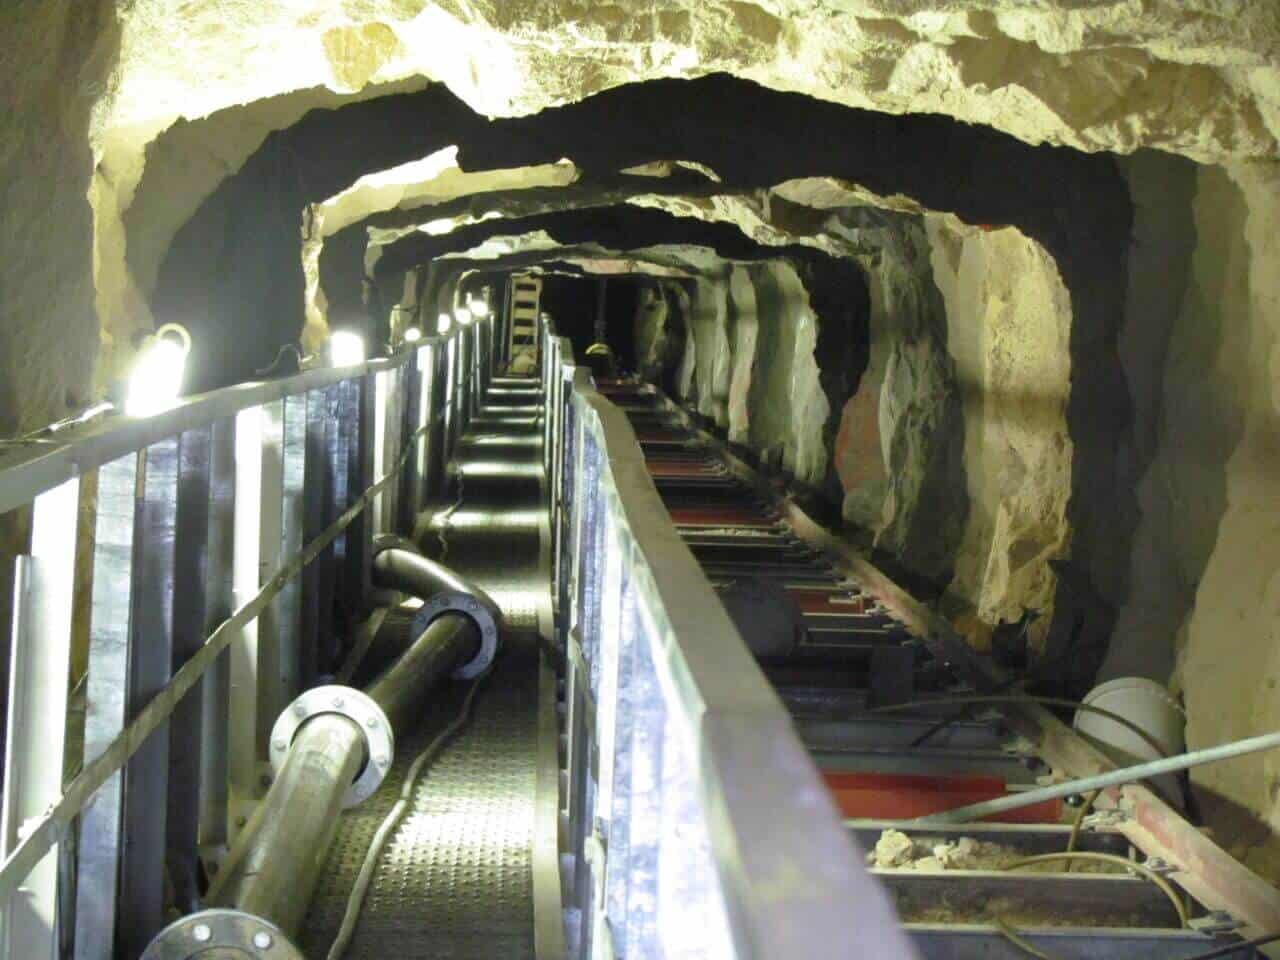 steenkampskraal mine